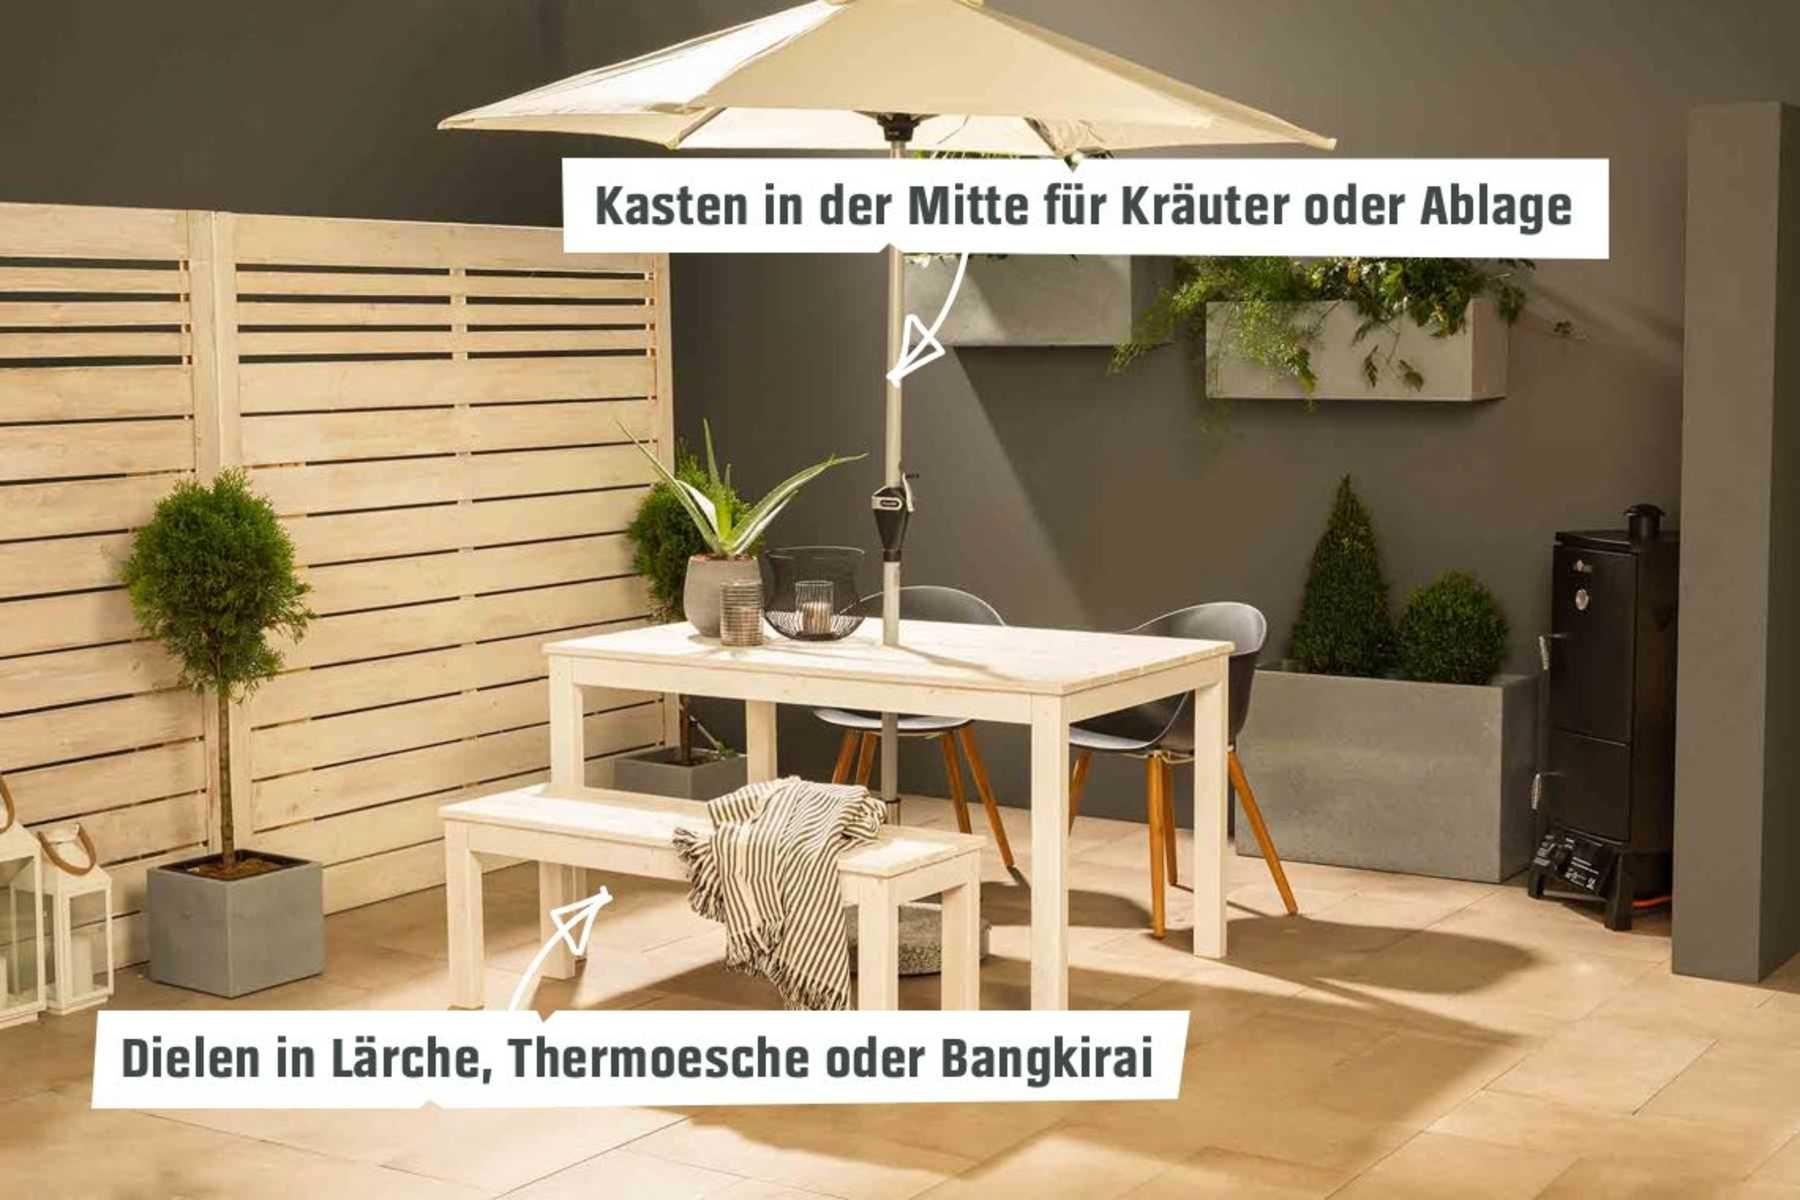 Gartentisch Sophie Create By Obi Gartentisch Tisch Selber Bauen Pflanzenregale